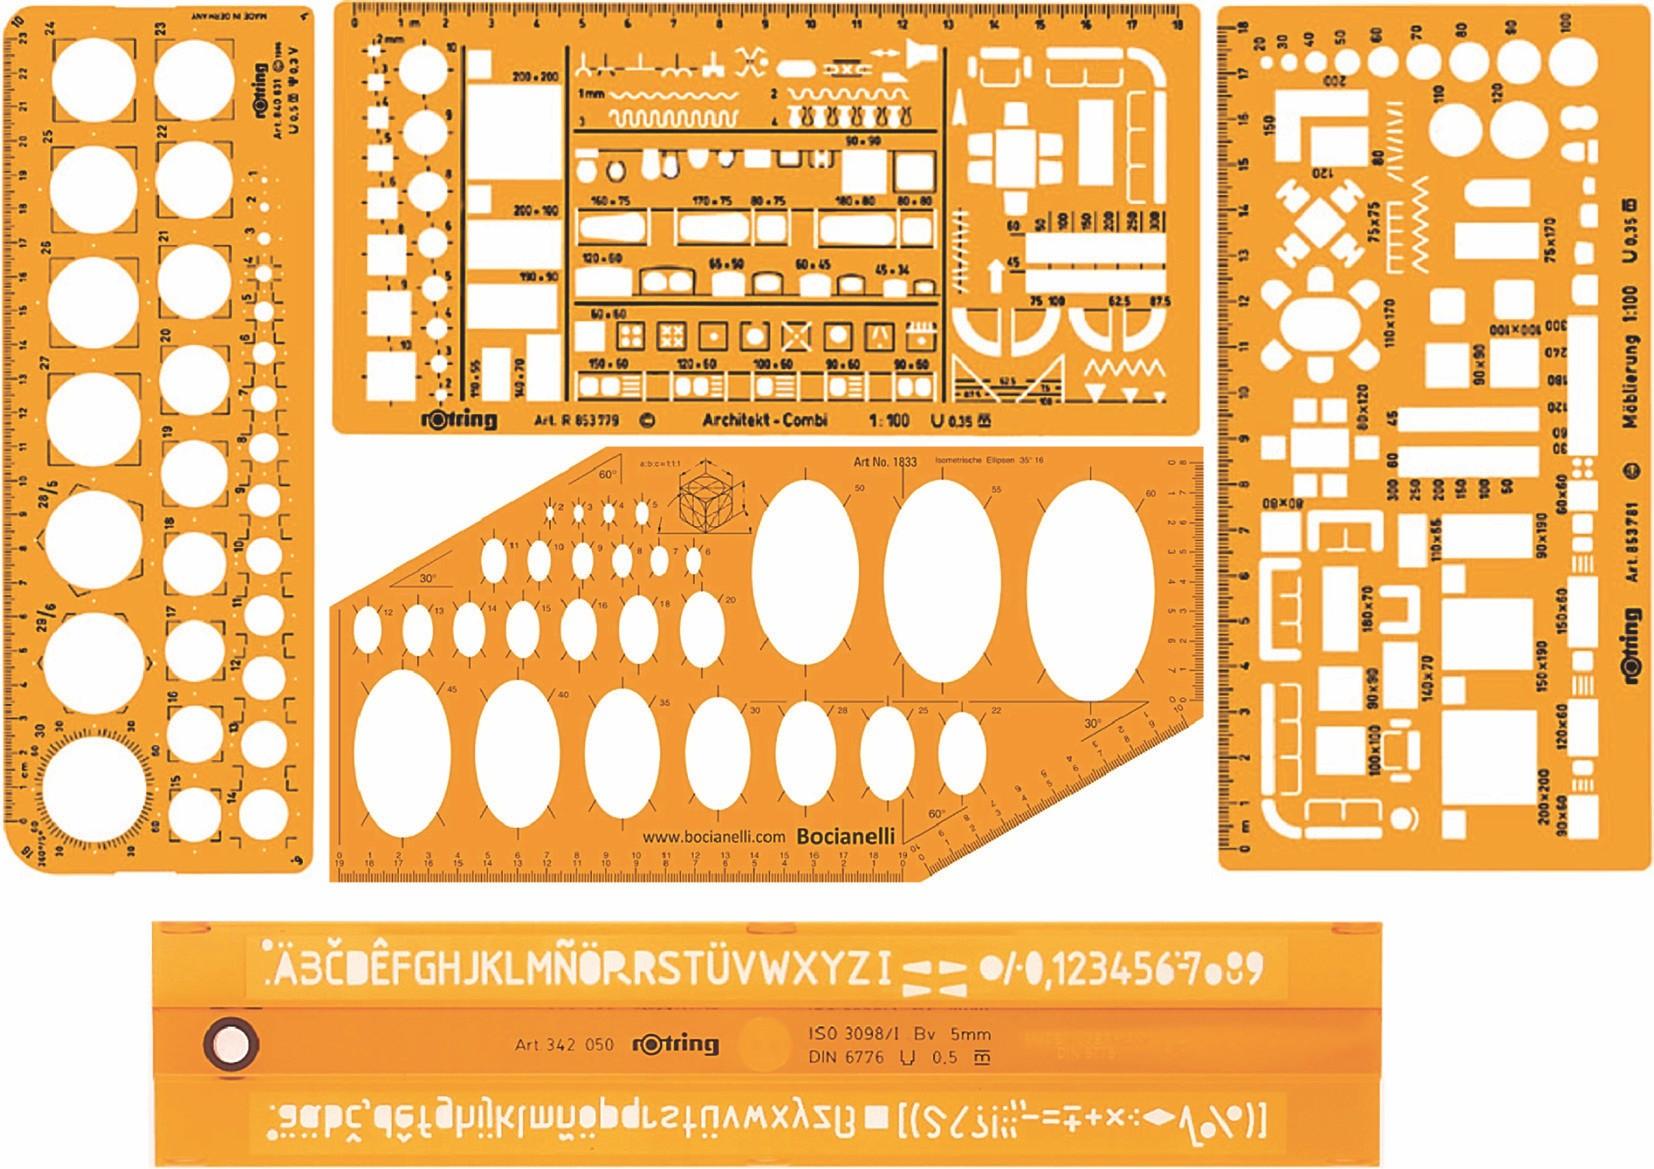 Σχήμα 3.13: Διάφοροι τύποι στένσιλ.